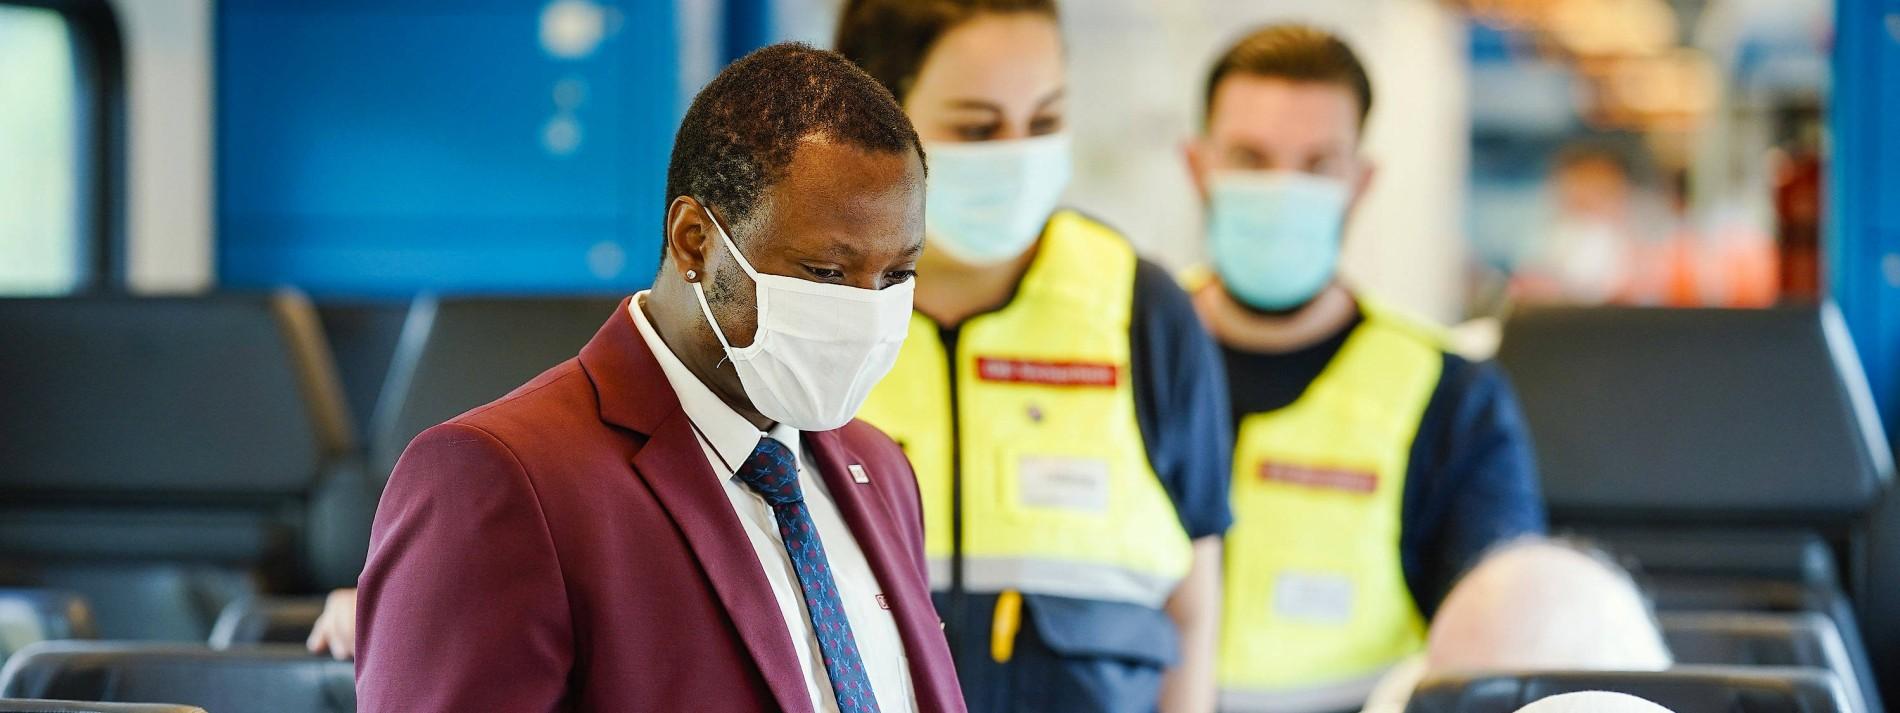 Bahn könnte FFP2-Masken zur Pflicht machen